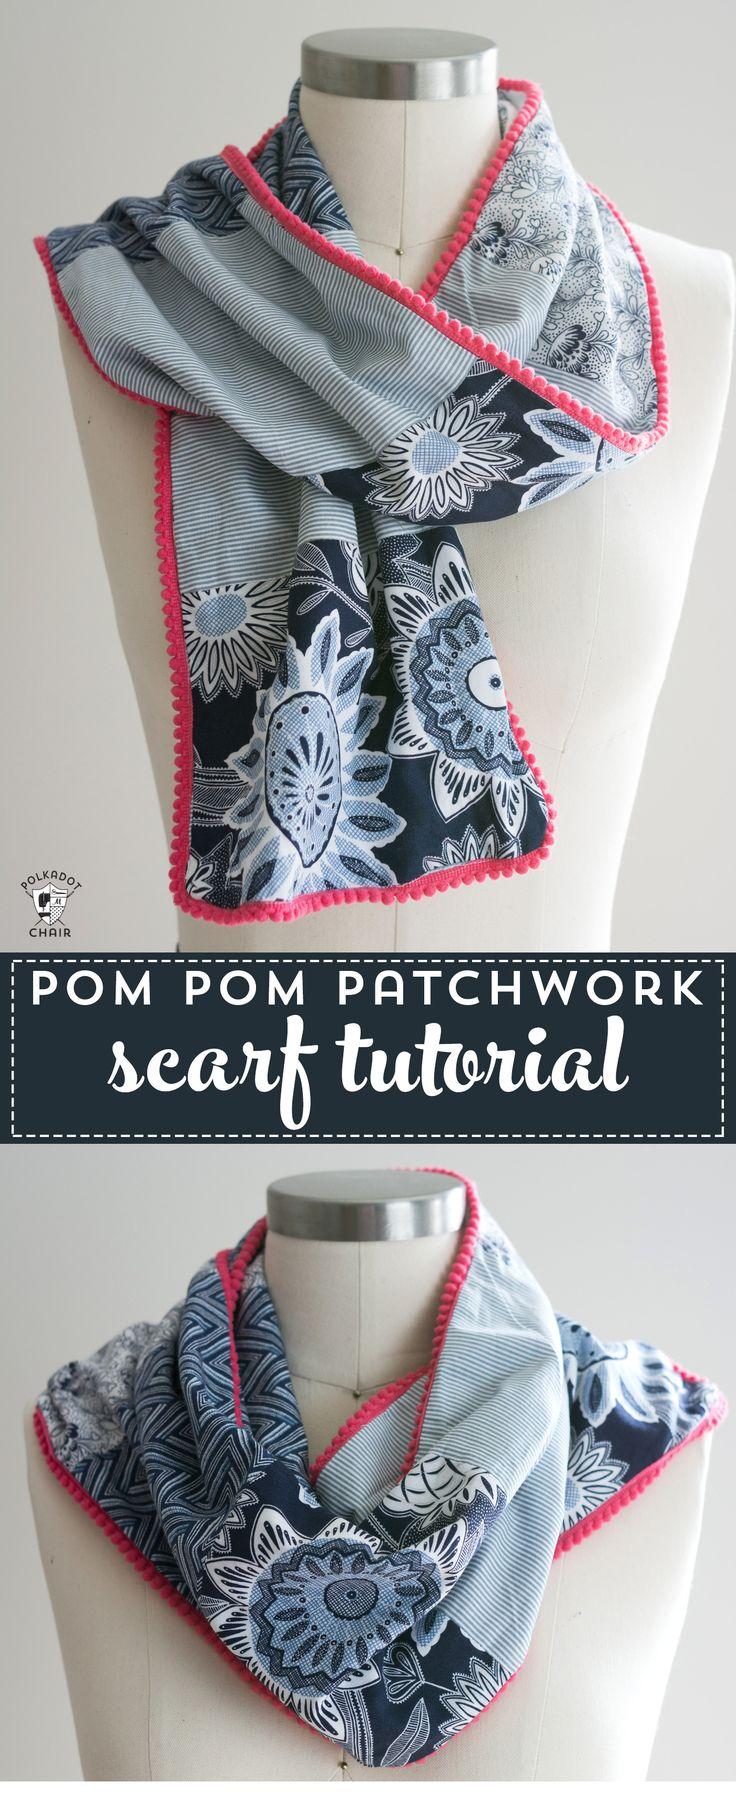 Pom Pom Patchwork Scarf Sewing tutorial - learn how to make a pom pom scarf - #s...